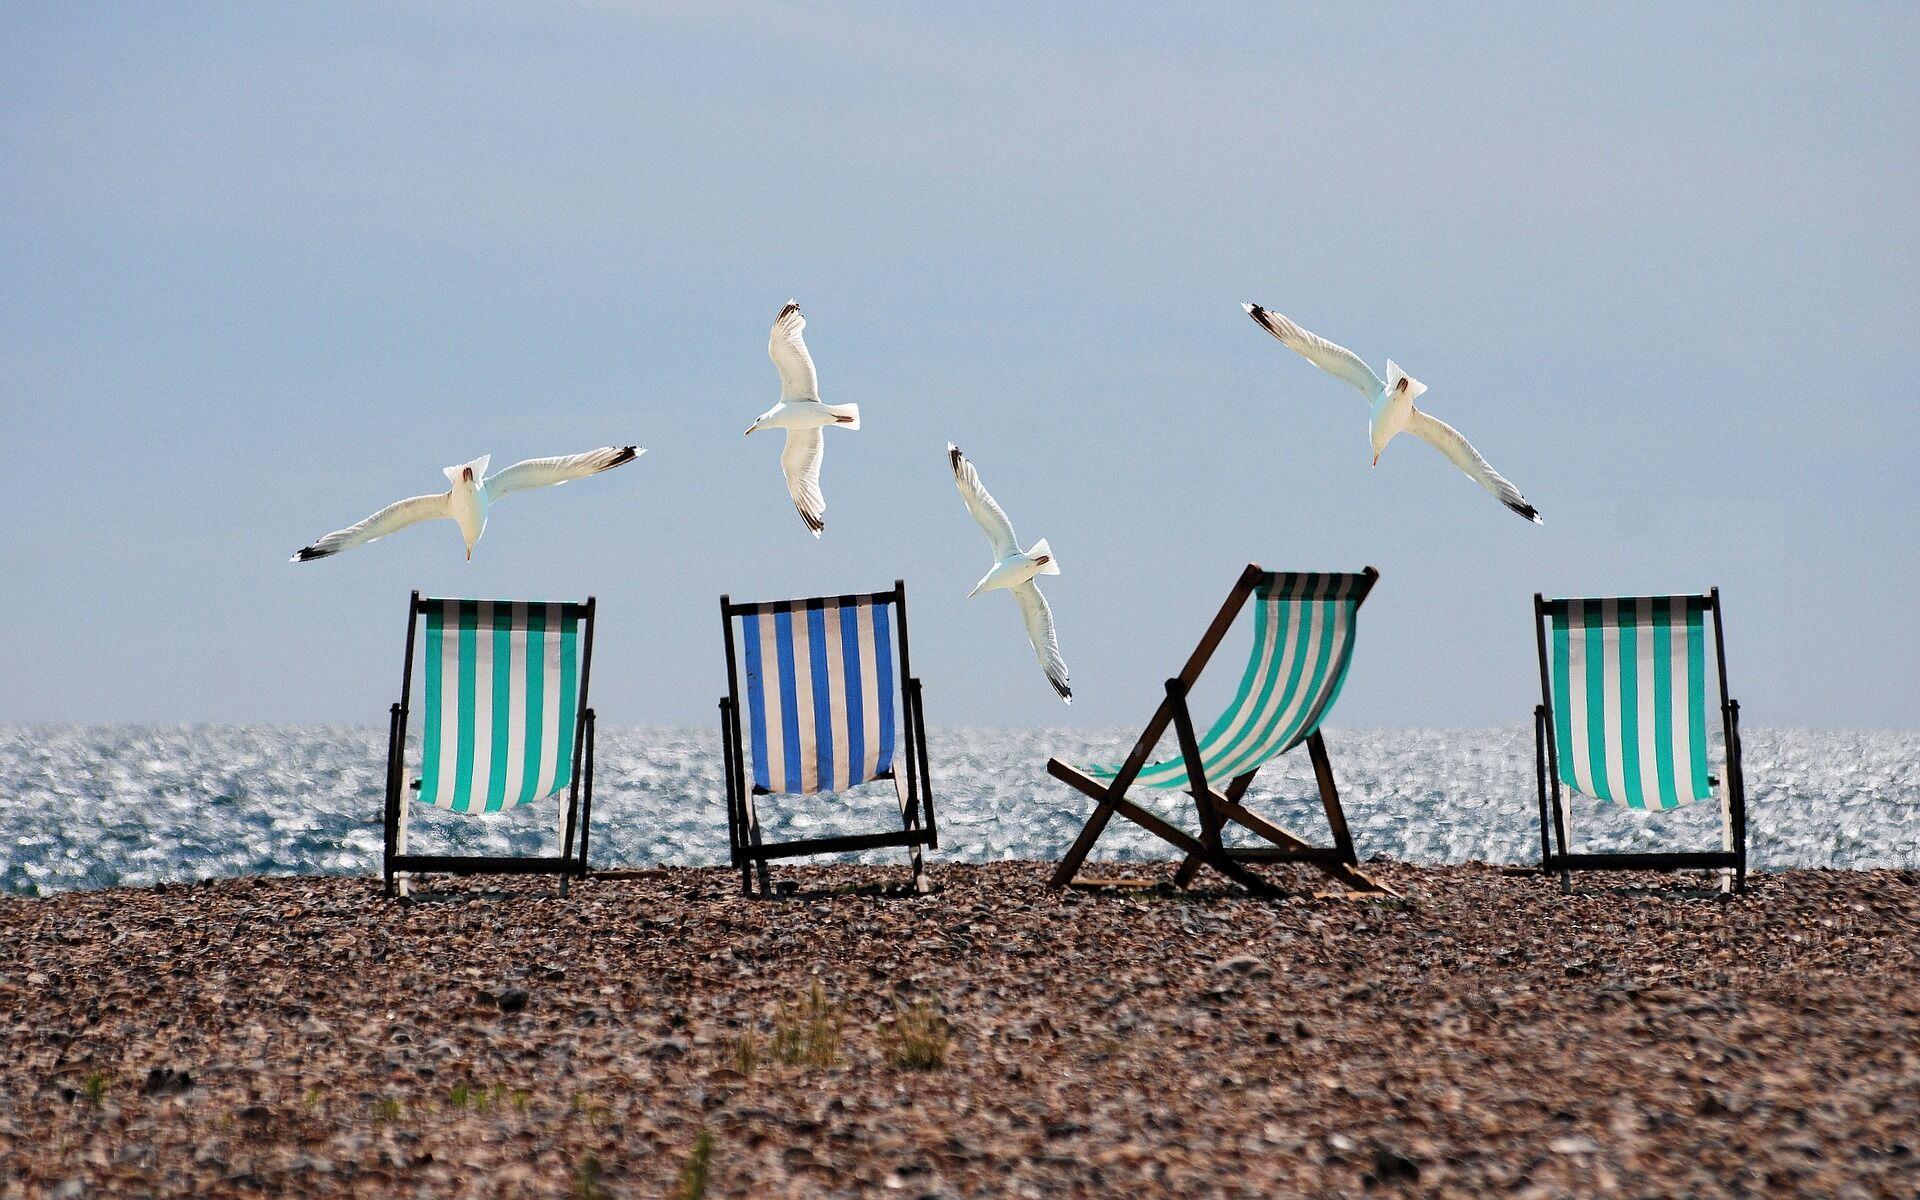 МОЗ дозволив відкрити пляжі в Україні